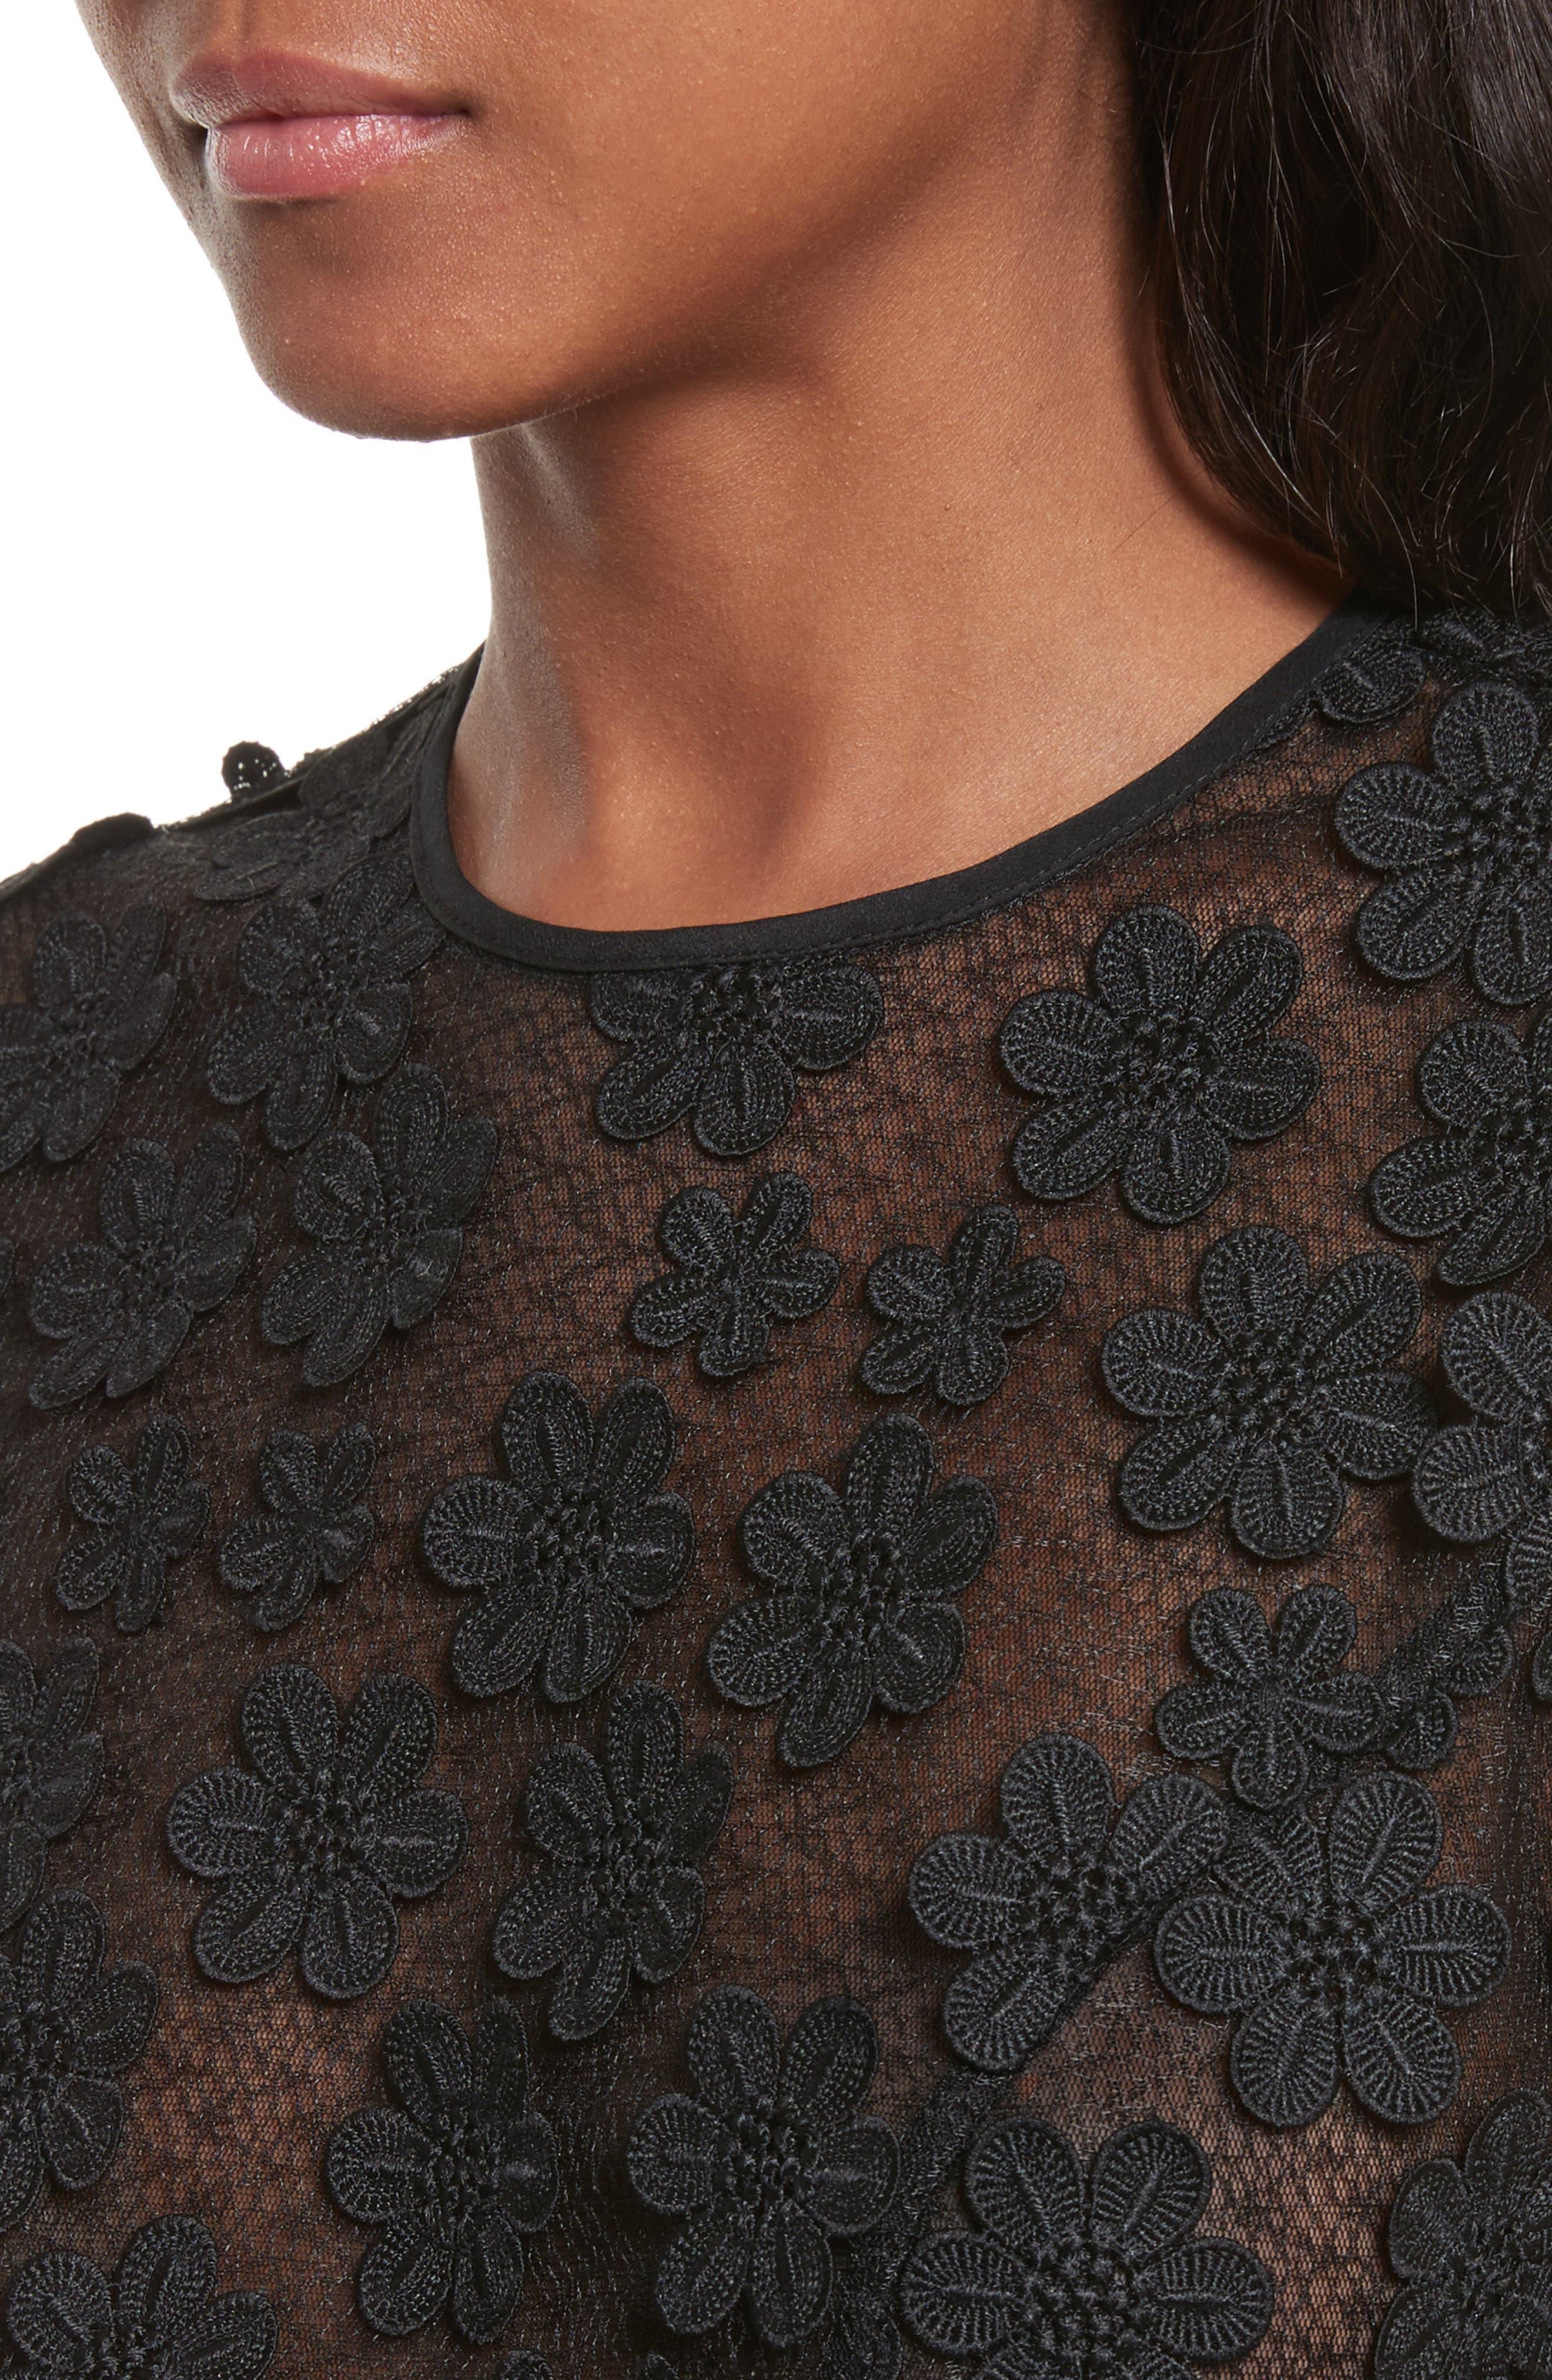 Irena Floral Appliqué Top,                             Alternate thumbnail 4, color,                             Black